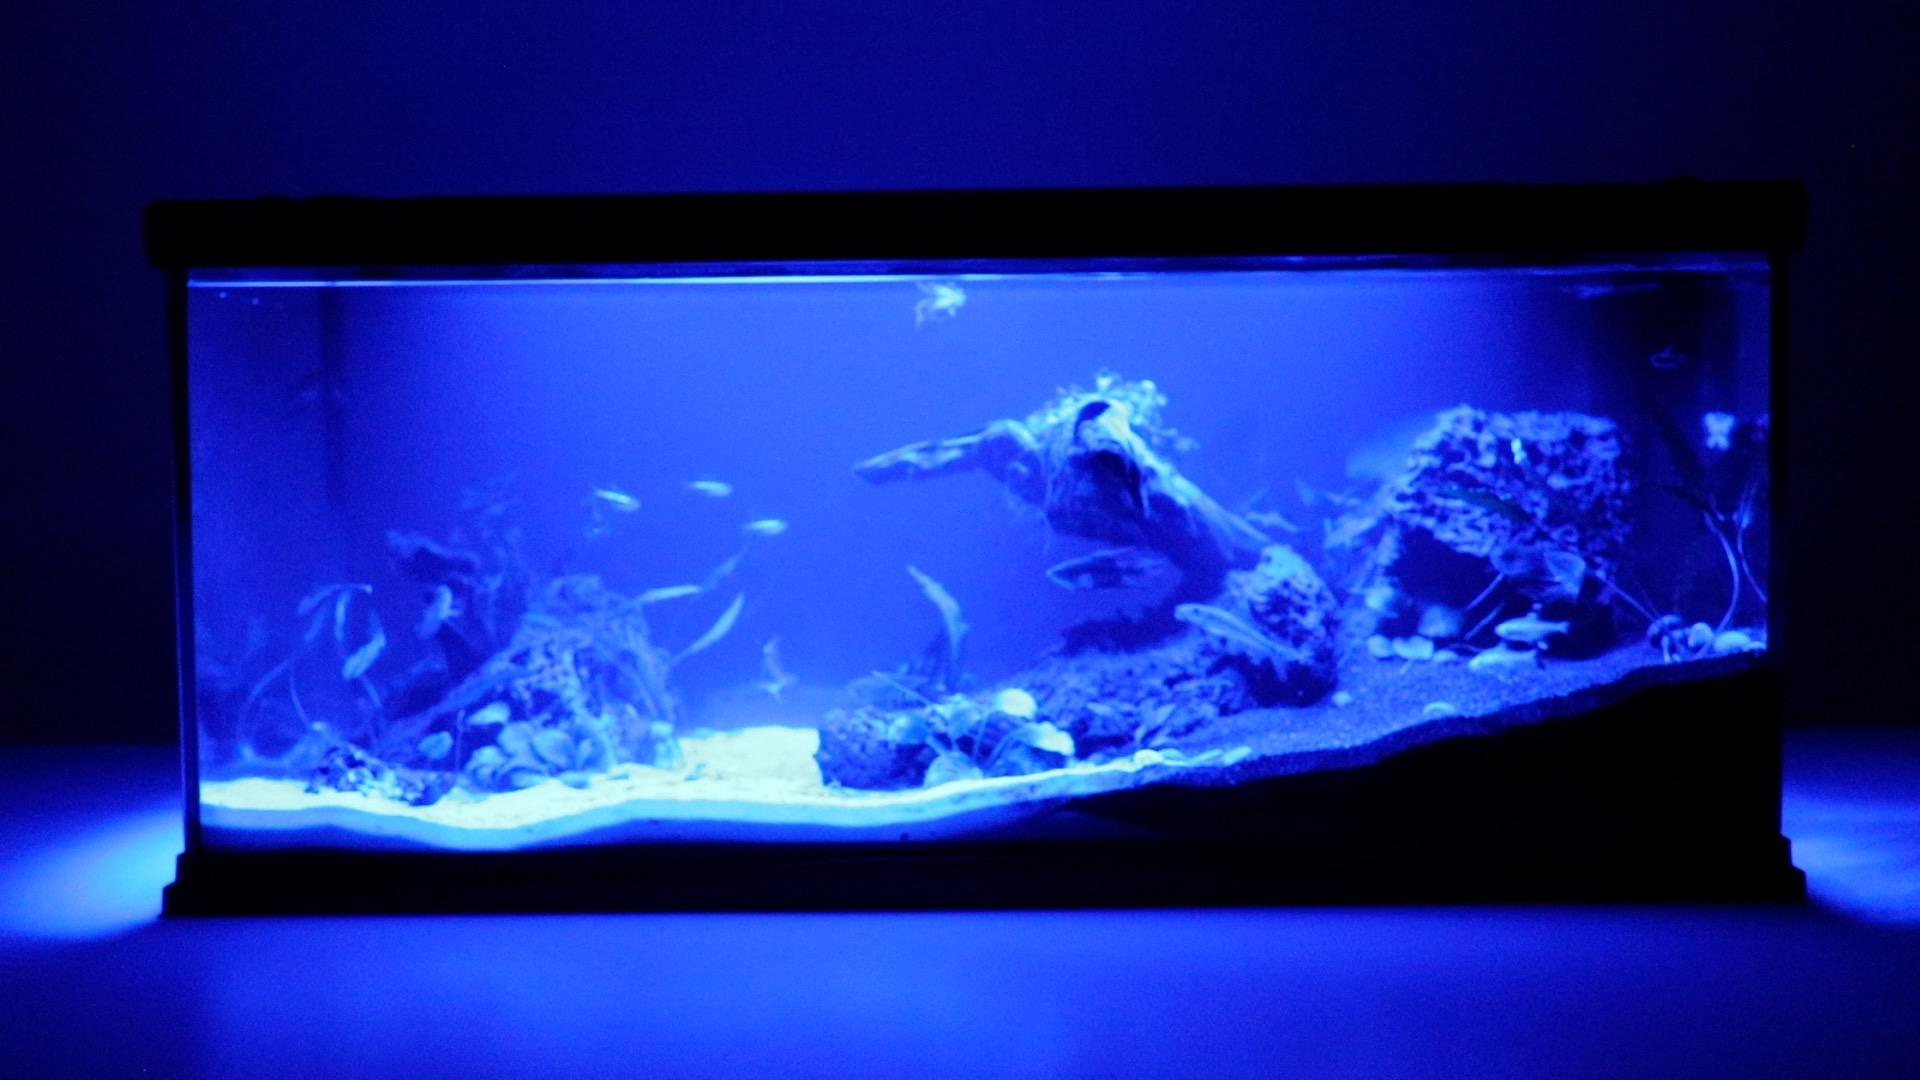 Aqua Effects - Blue